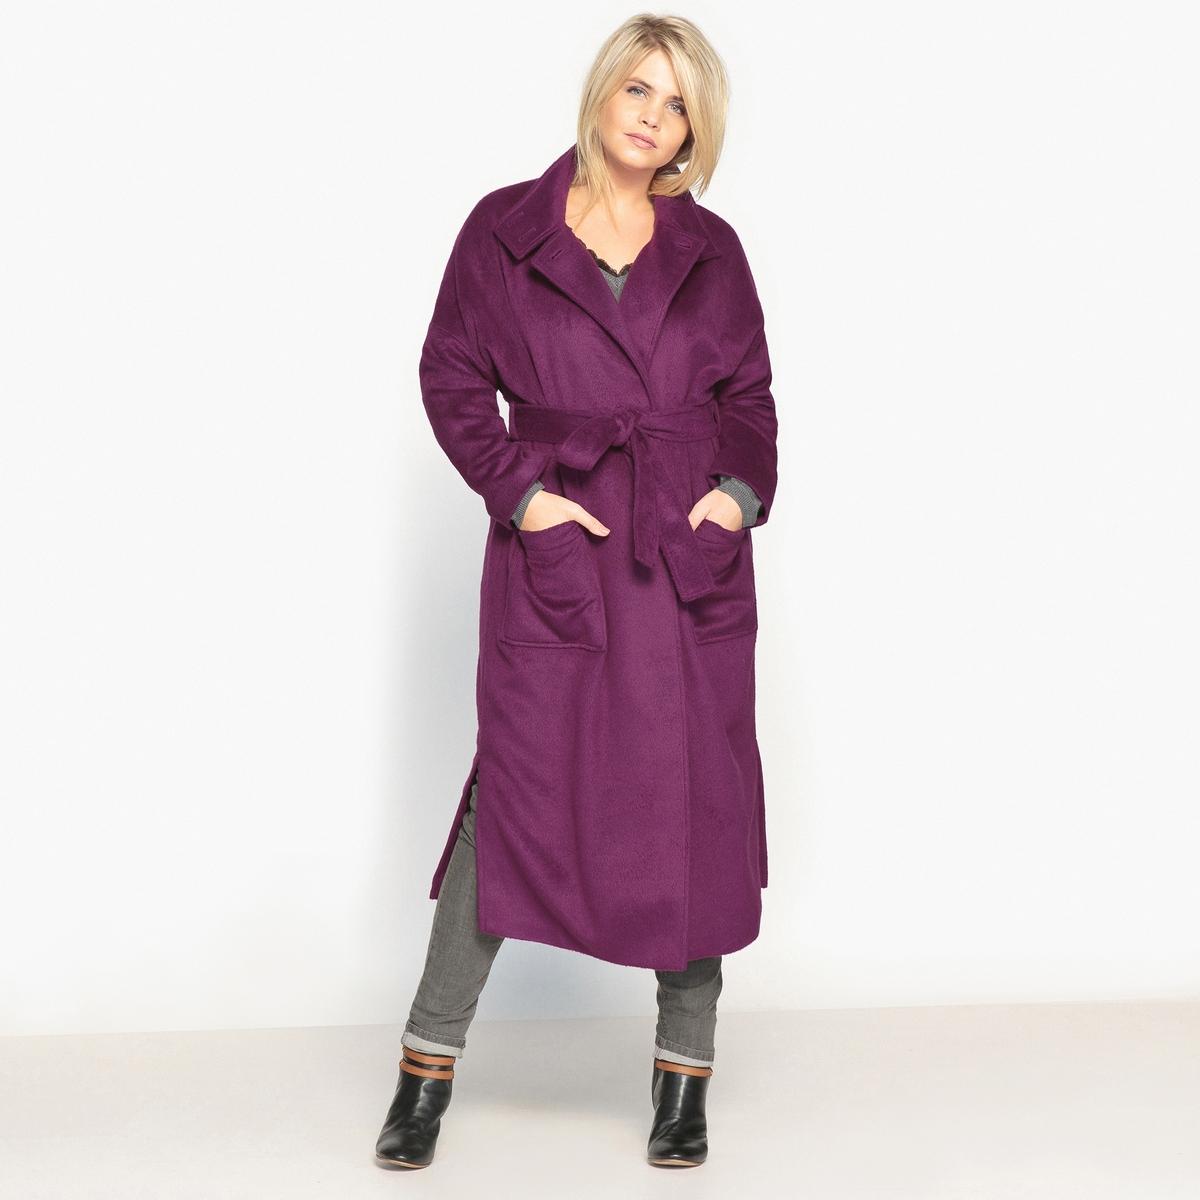 Пальто длинное с поясомОписание:Красивое и стильное длинное пальто с поясом. Очень изящное длинное пальто отлично дополнит Ваш зимний гардероб. Подарите себе это пальто!Детали  •  Длина : удлиненная модель •  Воротник-стойка • Застежка на пуговицыСостав и уход  •  15% вискозы, 85% полиэстера •  Подкладка : 100% полиэстер • Не стирать •  Деликатная сухая чистка / не отбеливать •  Не использовать барабанную сушку •  Низкая температура глажкиТовар из коллекции больших размеров •  Застежка на кнопки. •  Воротник на пуговицах. •  Разрезы по бокам. •  2 накладных кармана.<br><br>Цвет: фиолетовый